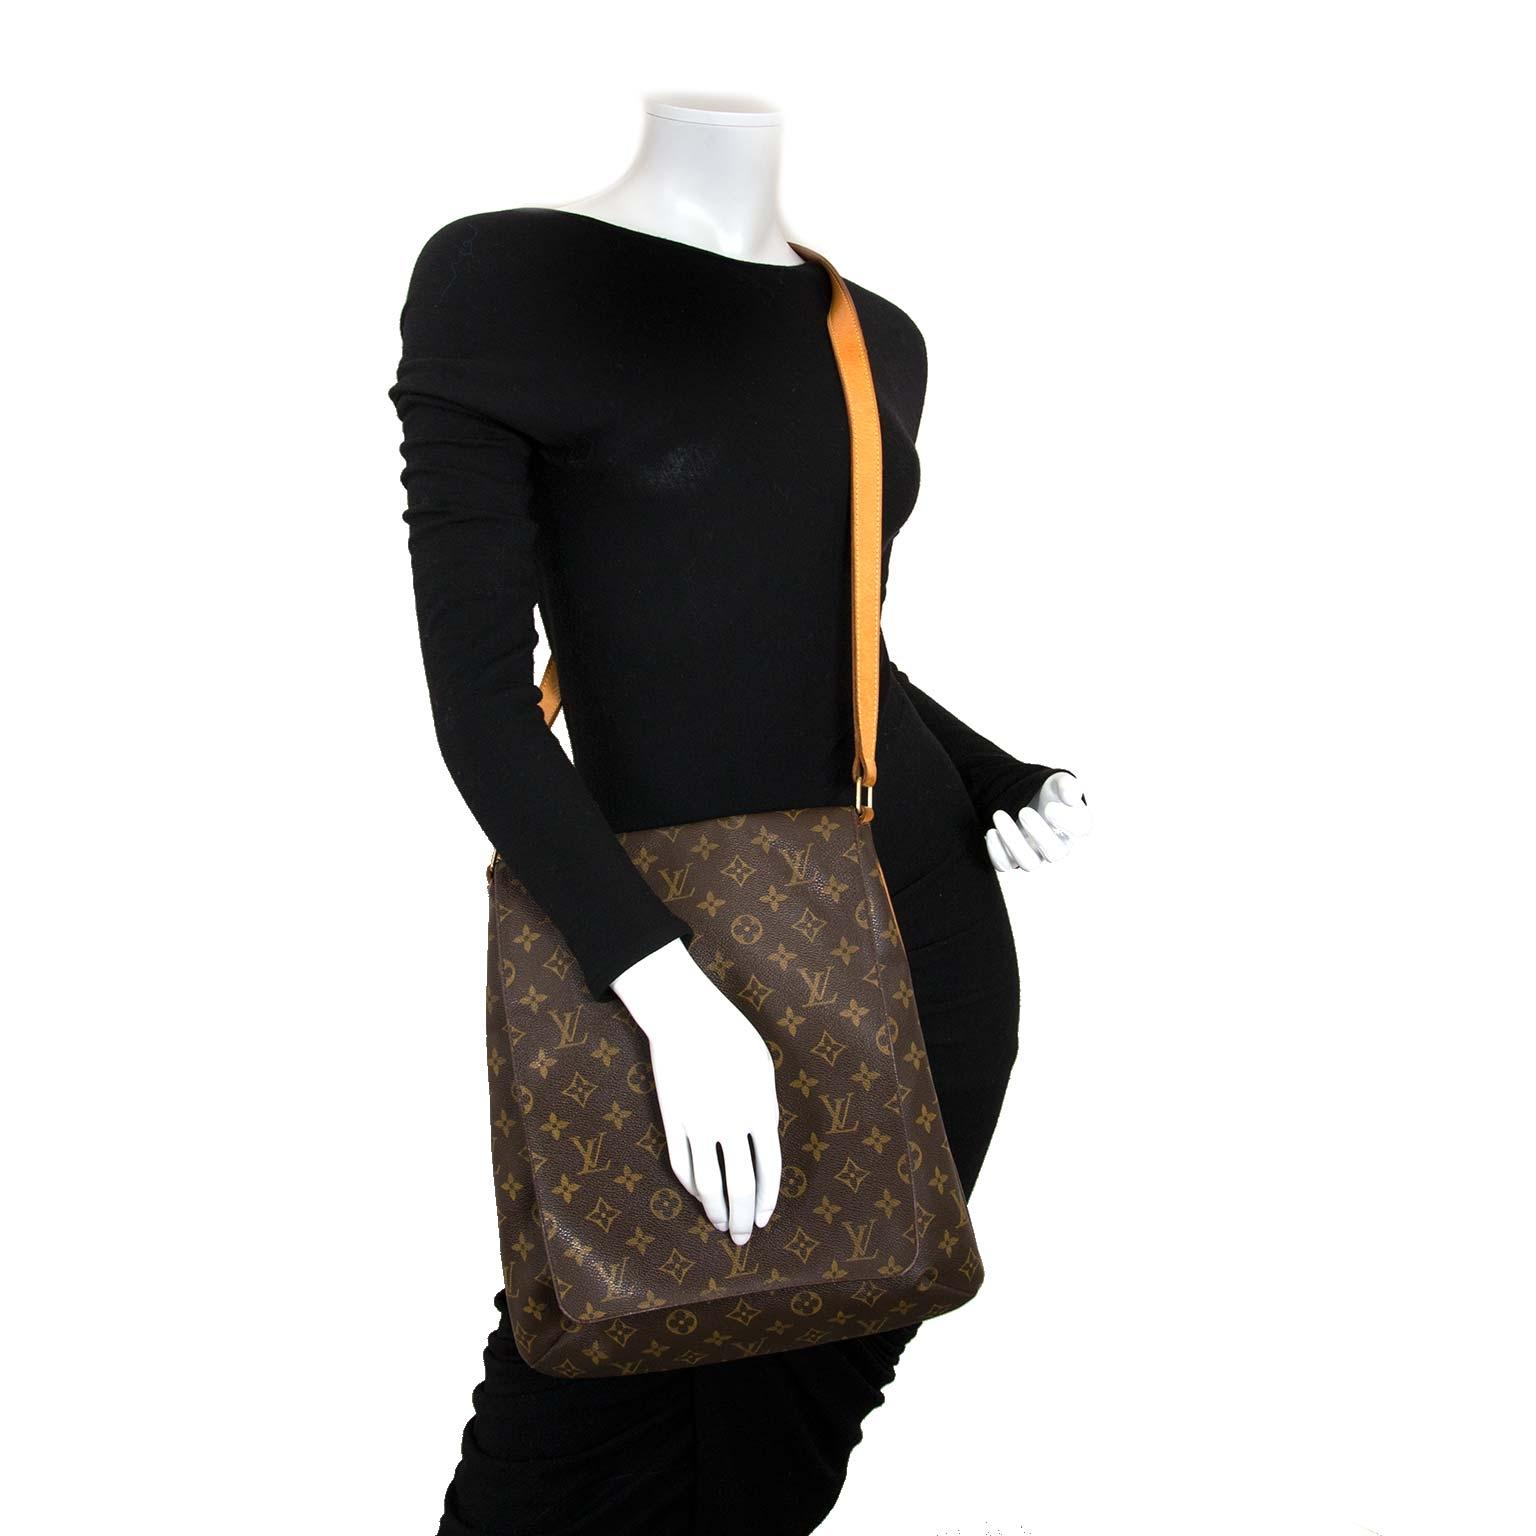 louis vuitton musette salsa bag now for sale at labellov vintage fashion webshop belgium